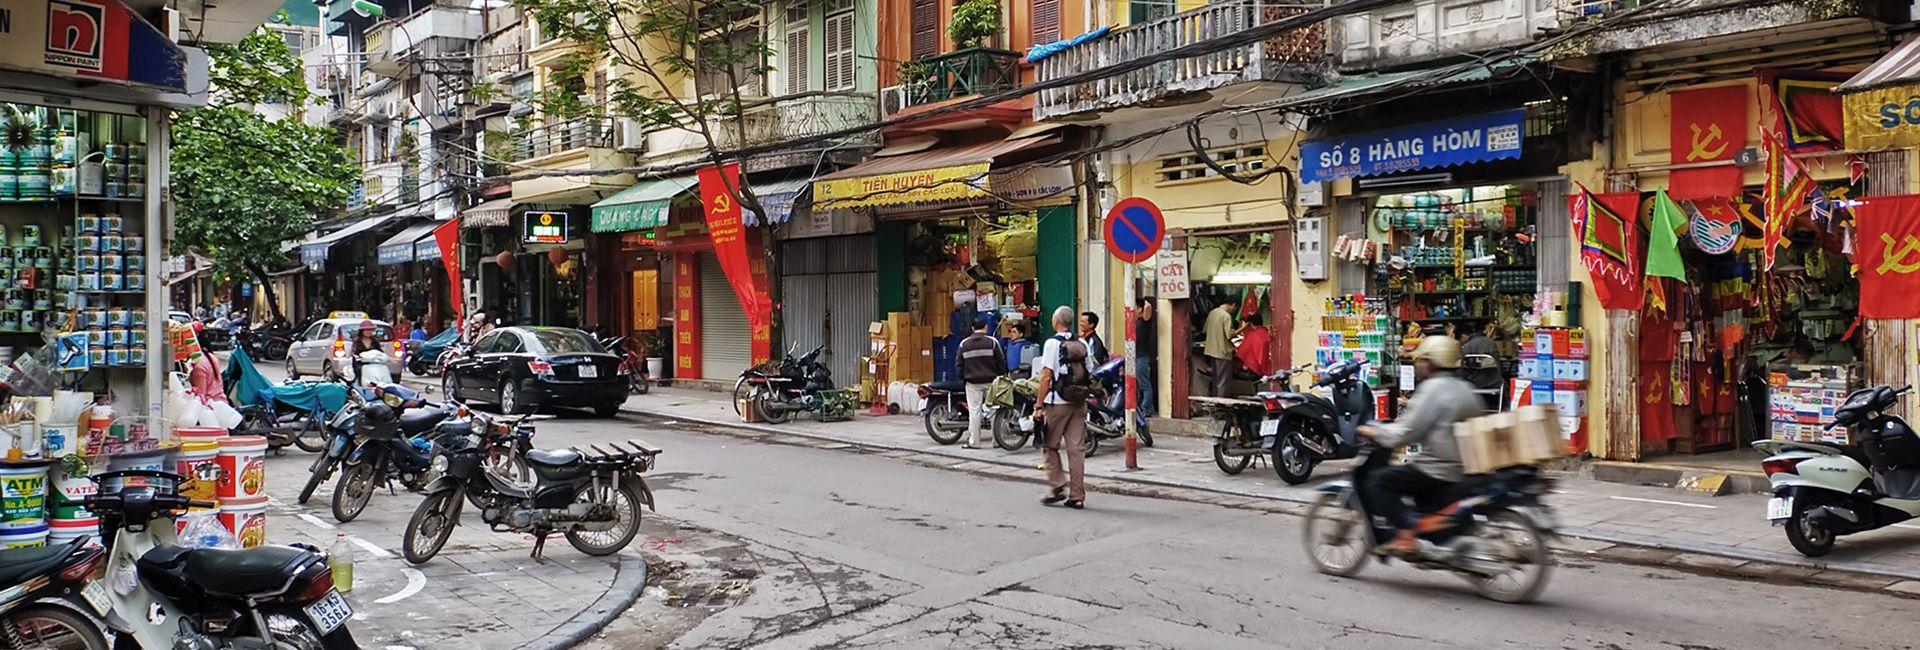 Phố cổ Hà Nội - Kinh nghiệm du lịch chi tiết nhất